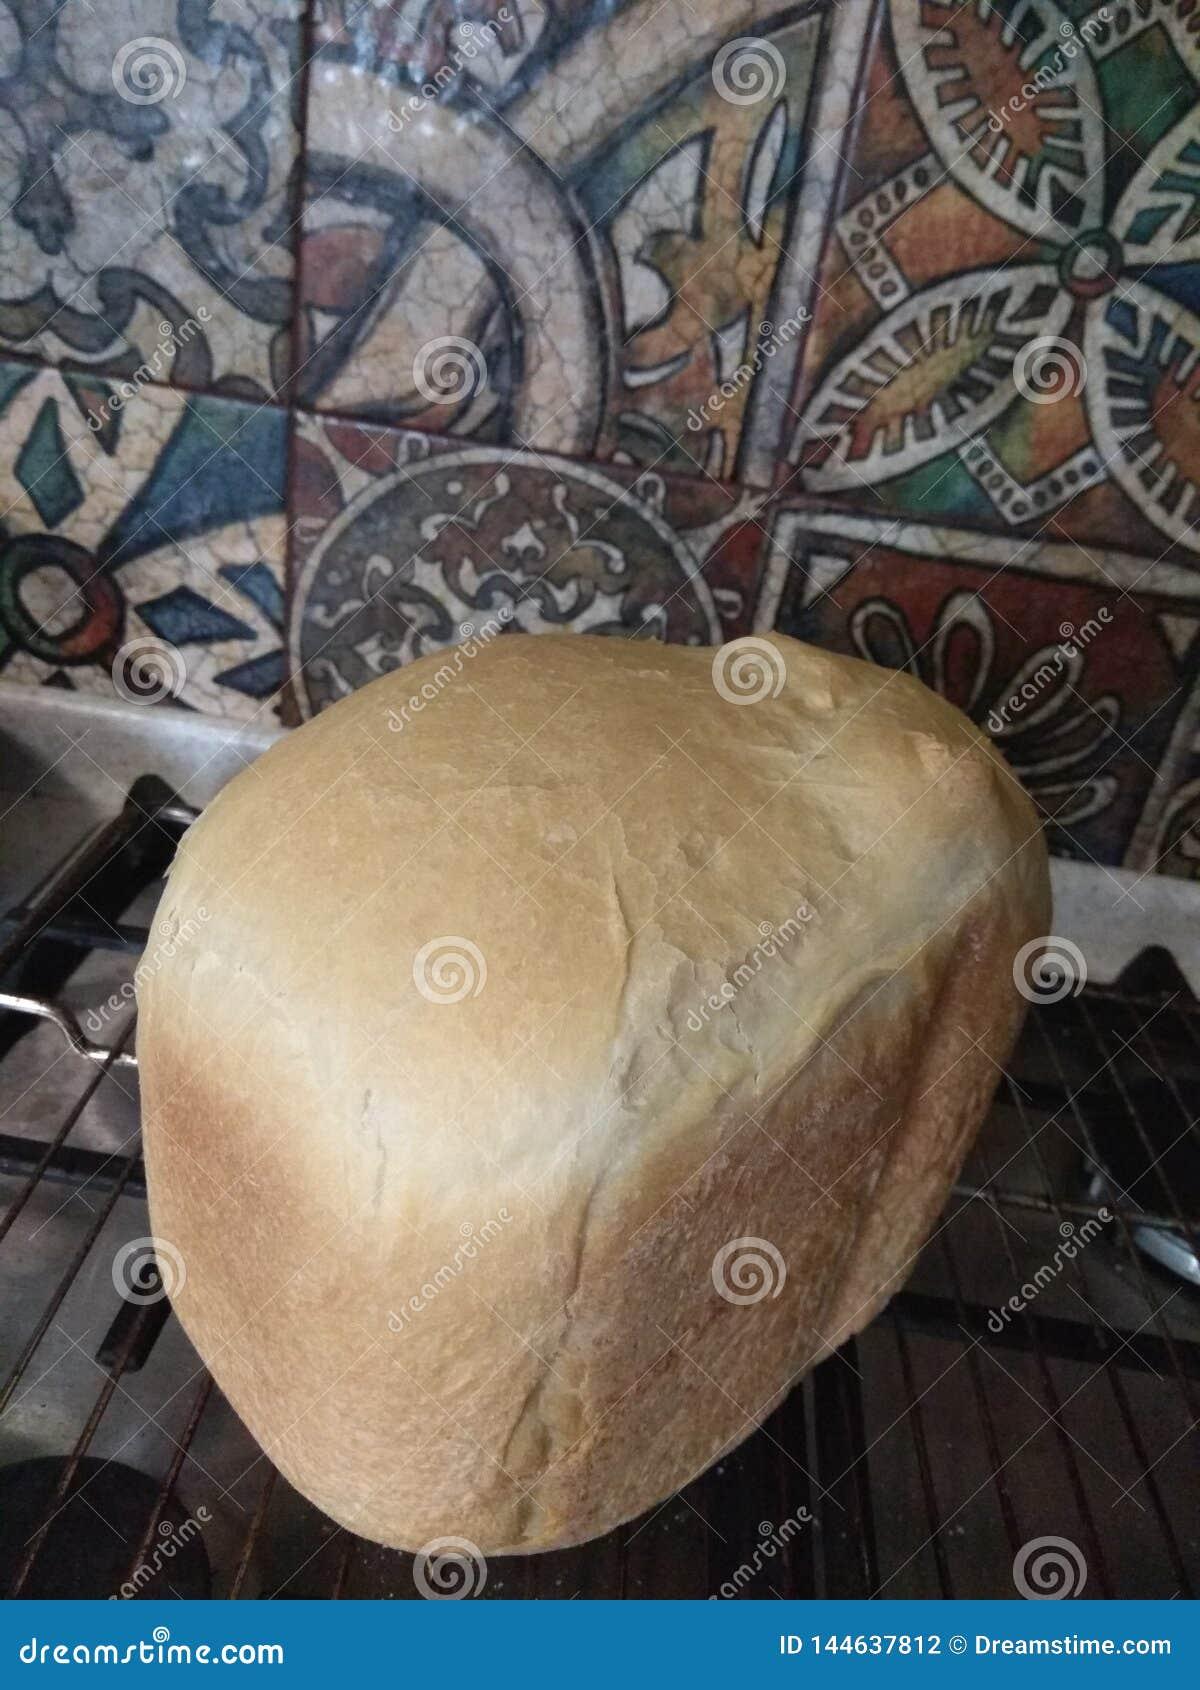 Spain. Morning. Bread. Breakfast. Calm